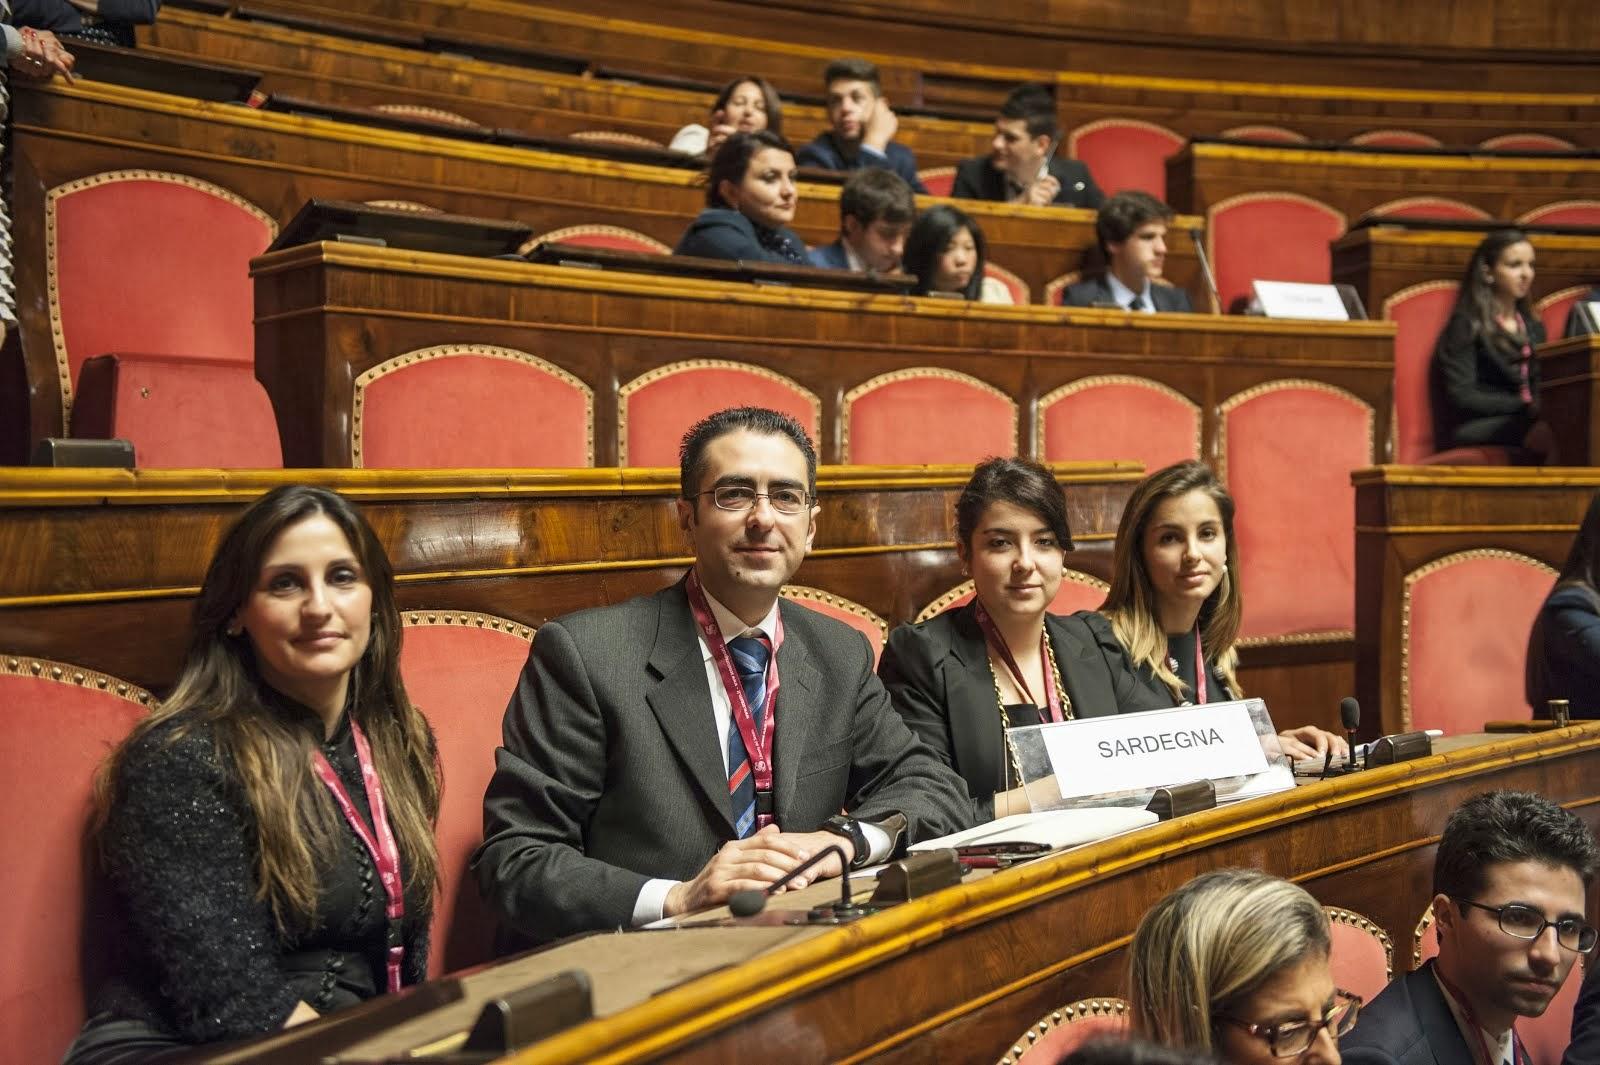 La delegazione in Senato